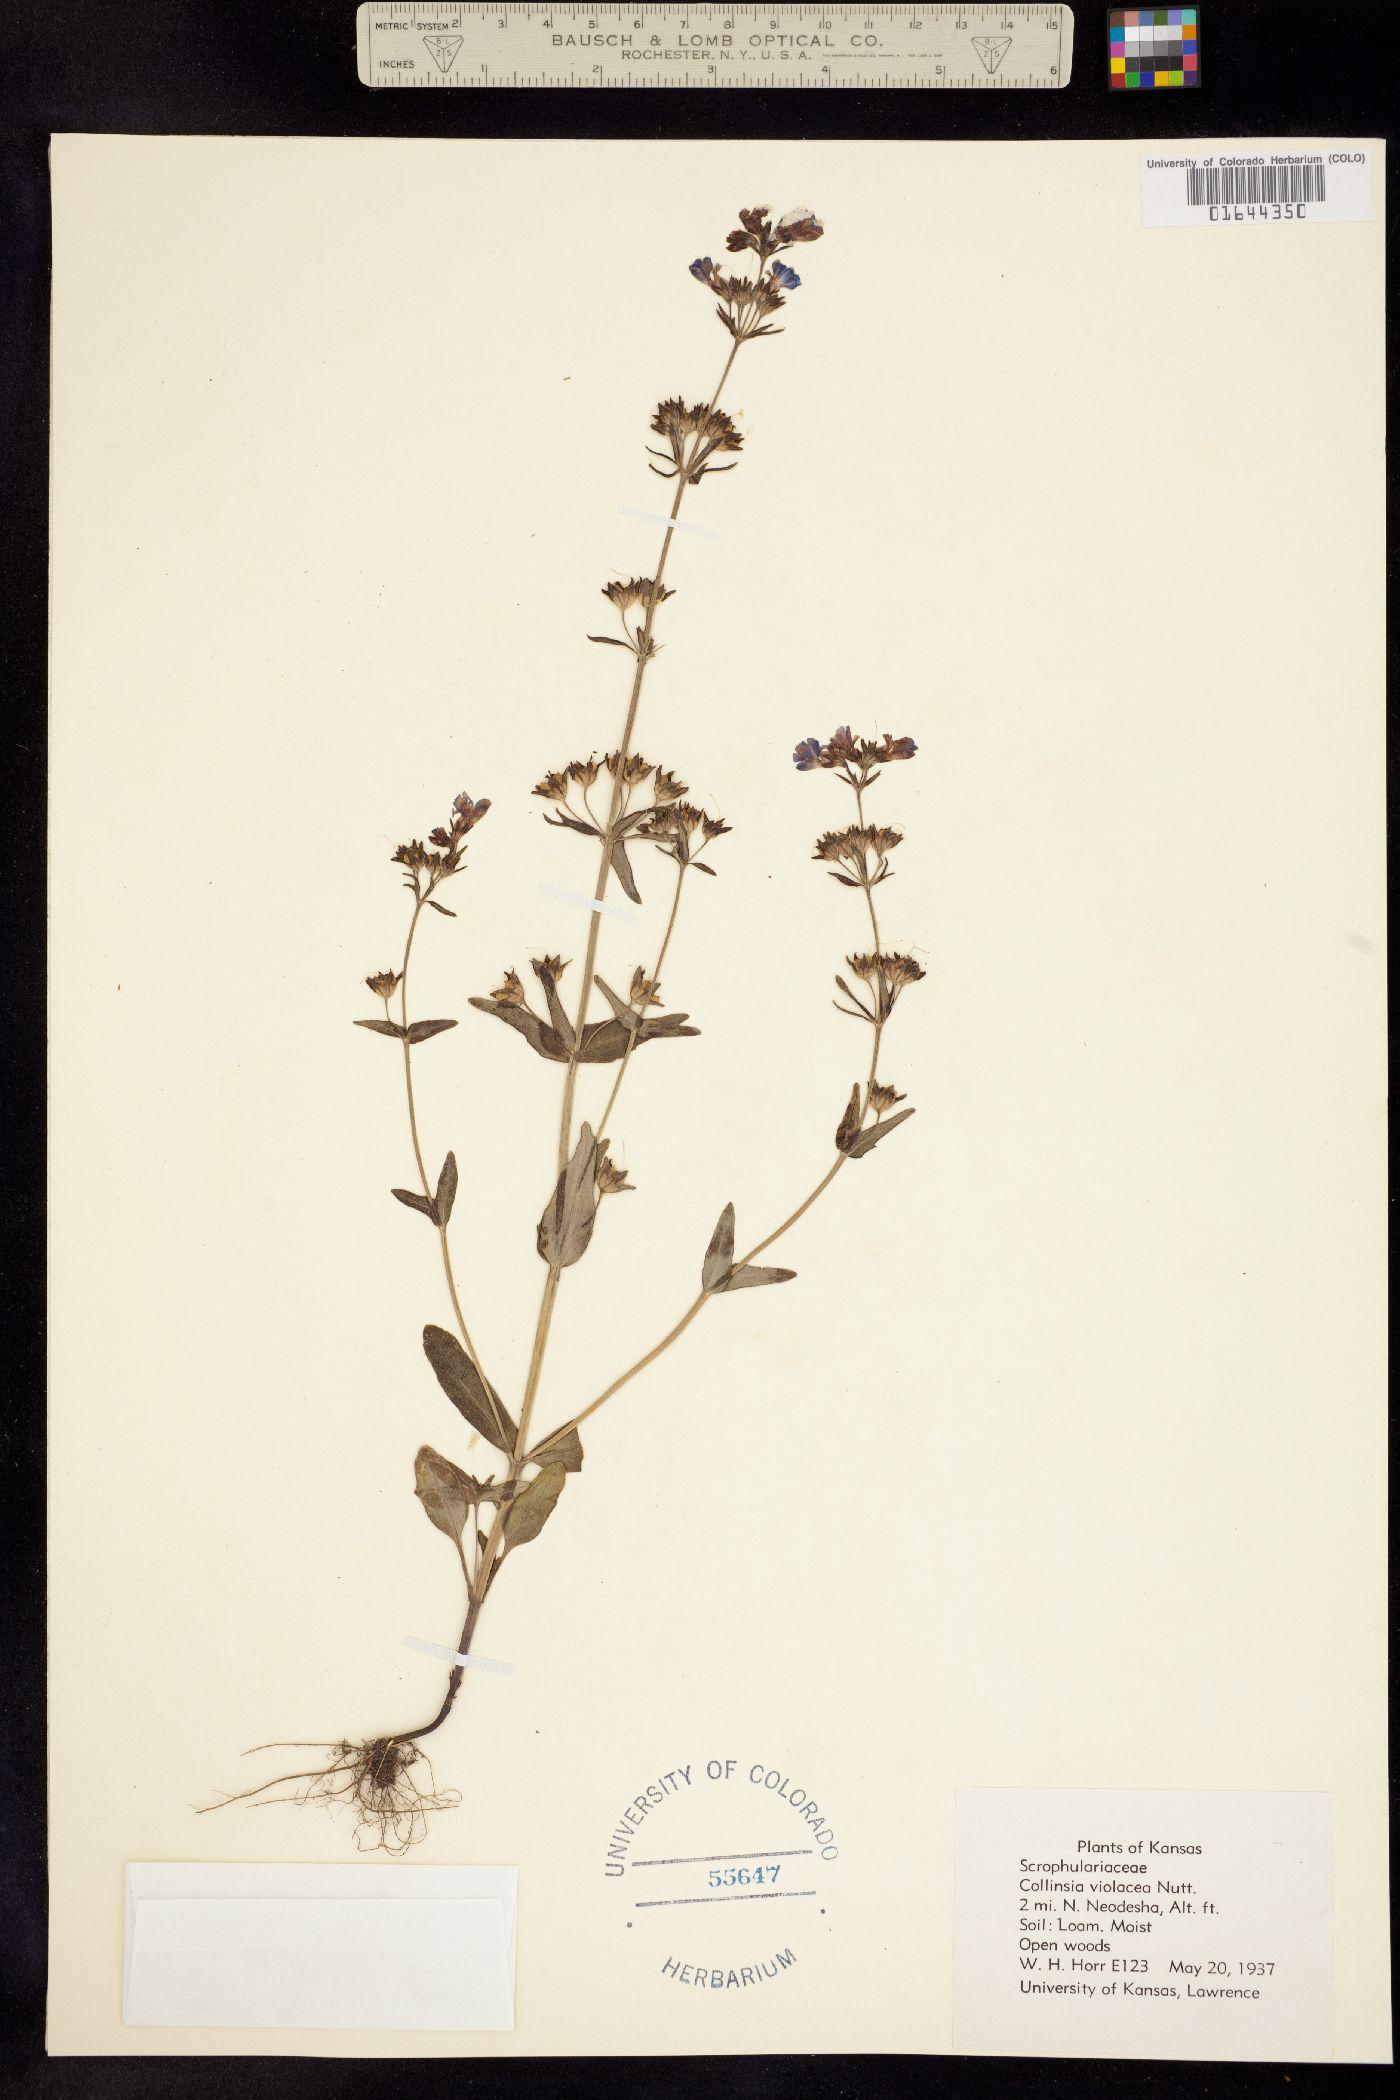 Collinsia violacea image